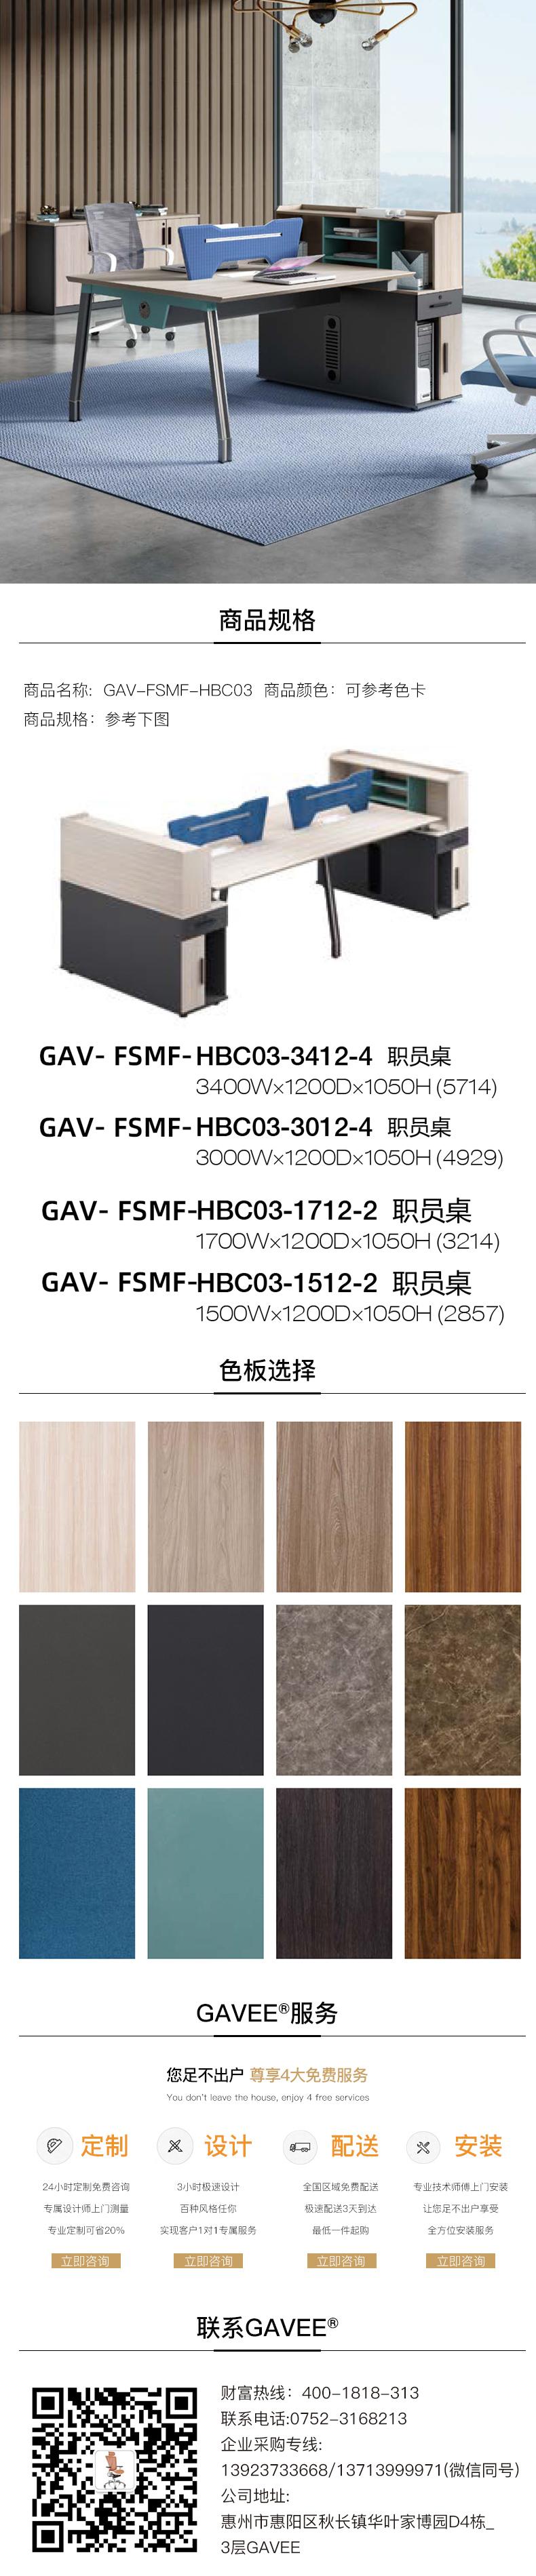 開放辦公系統GAV-FSMF-HBC03.jpg